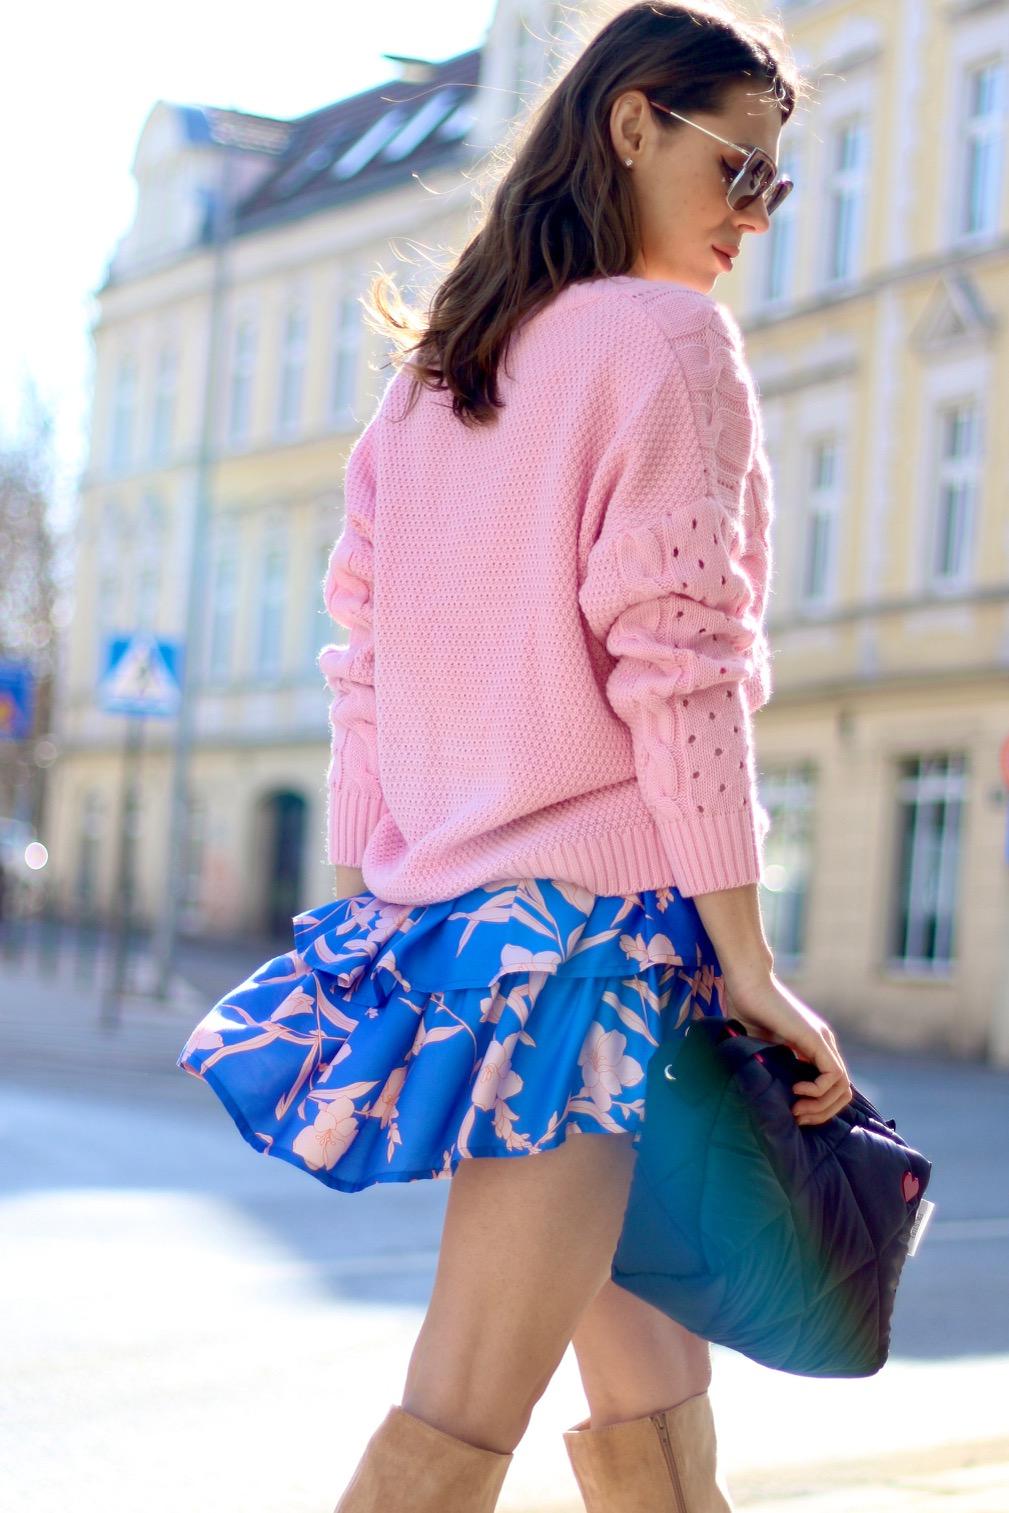 seksowna spódniczka, spódnica, spódnica w kwiaty, moda polska, polscy projektanci, sweterek vka, sweterek, na komunie, sweterek z dekoltem,różowy sweterek